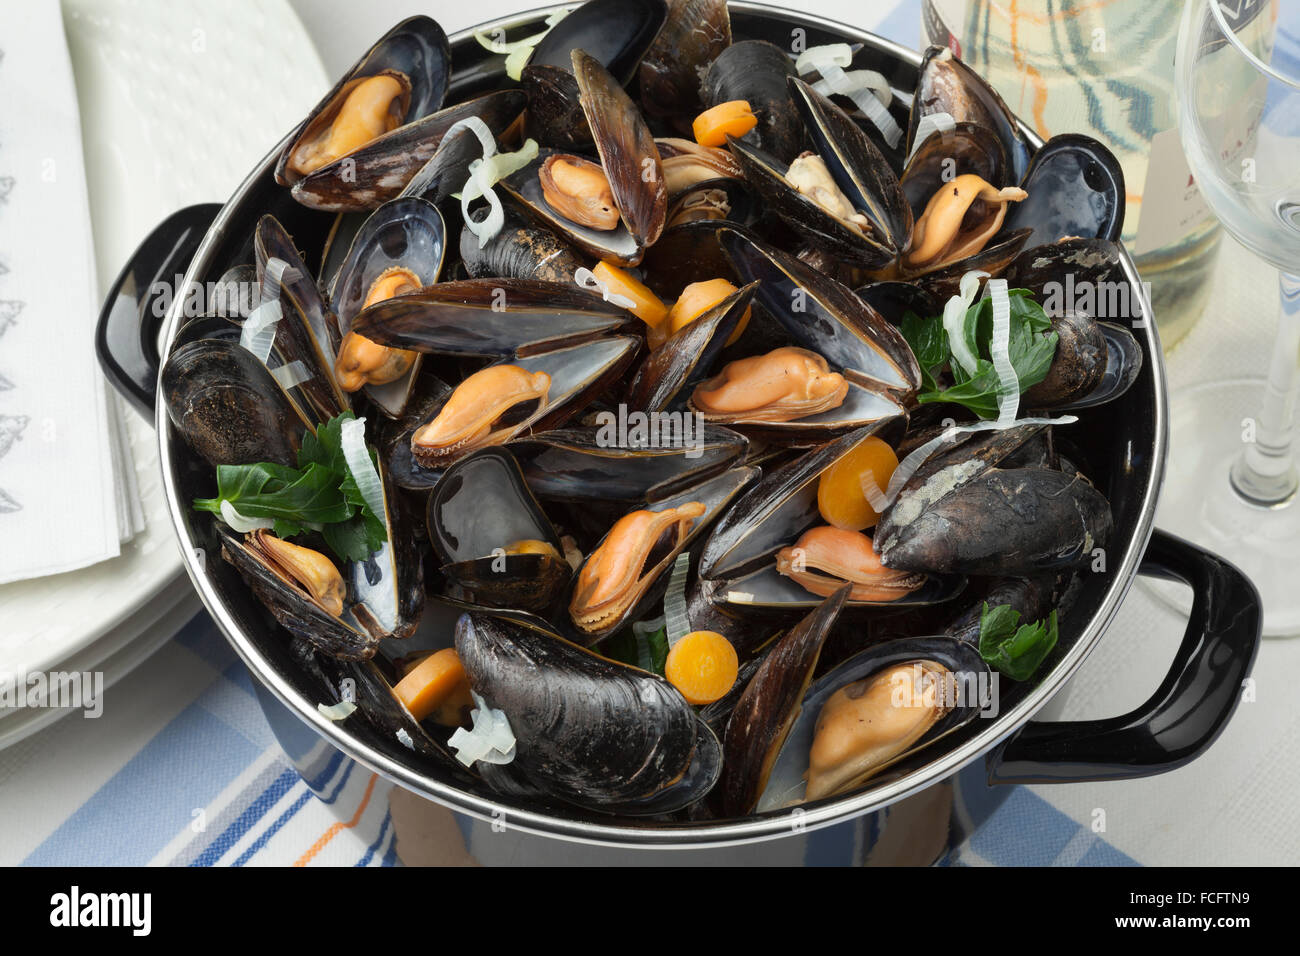 Poêle avec les moules cuites fraîches prêt à manger Photo Stock